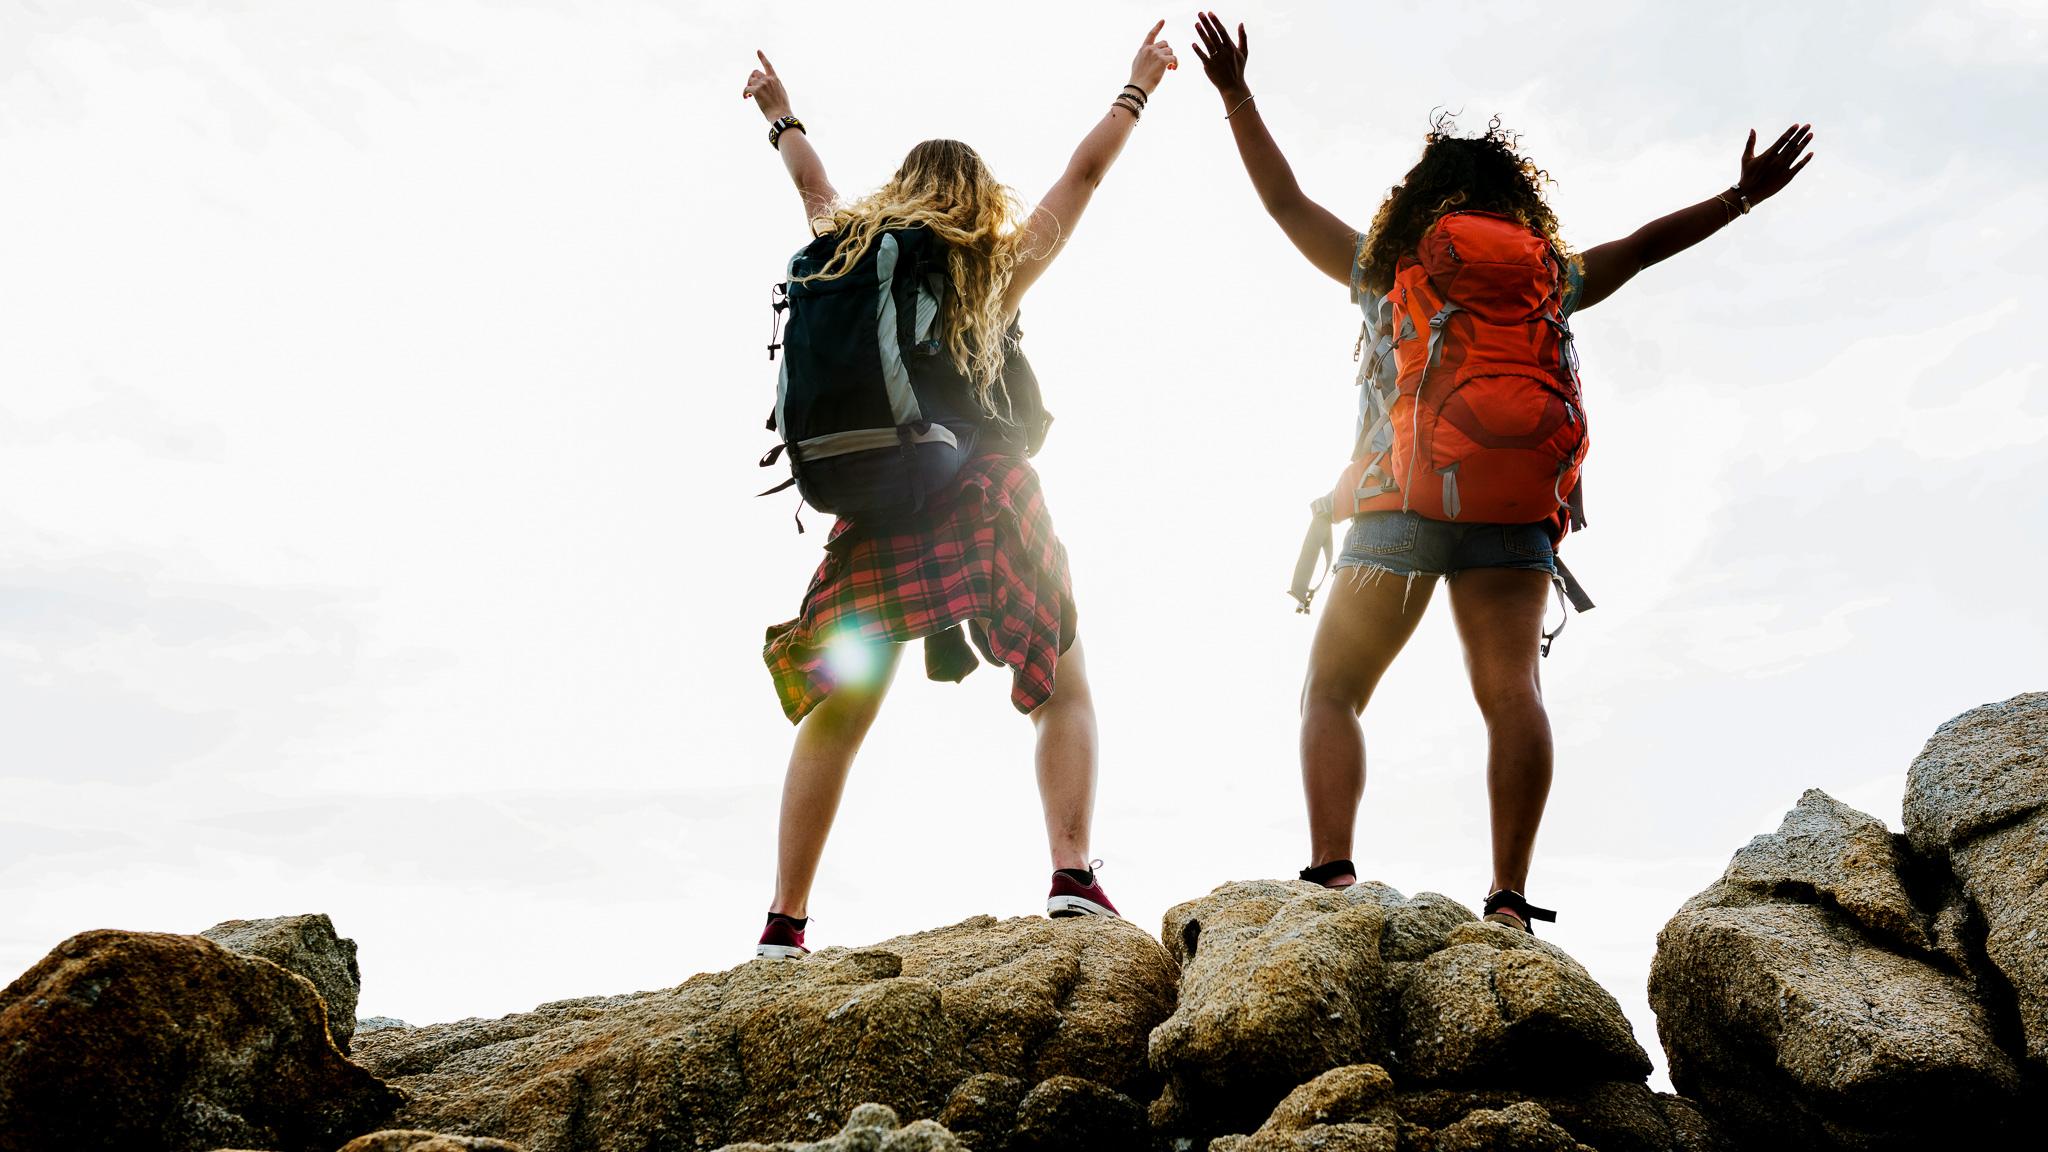 Turystyka w dobie zagrożeń cywilizacyjnych. Jak zmienia się podróżowanie? travel MEDIARUN dziewczyny plecaki podroz gory 2020 v1